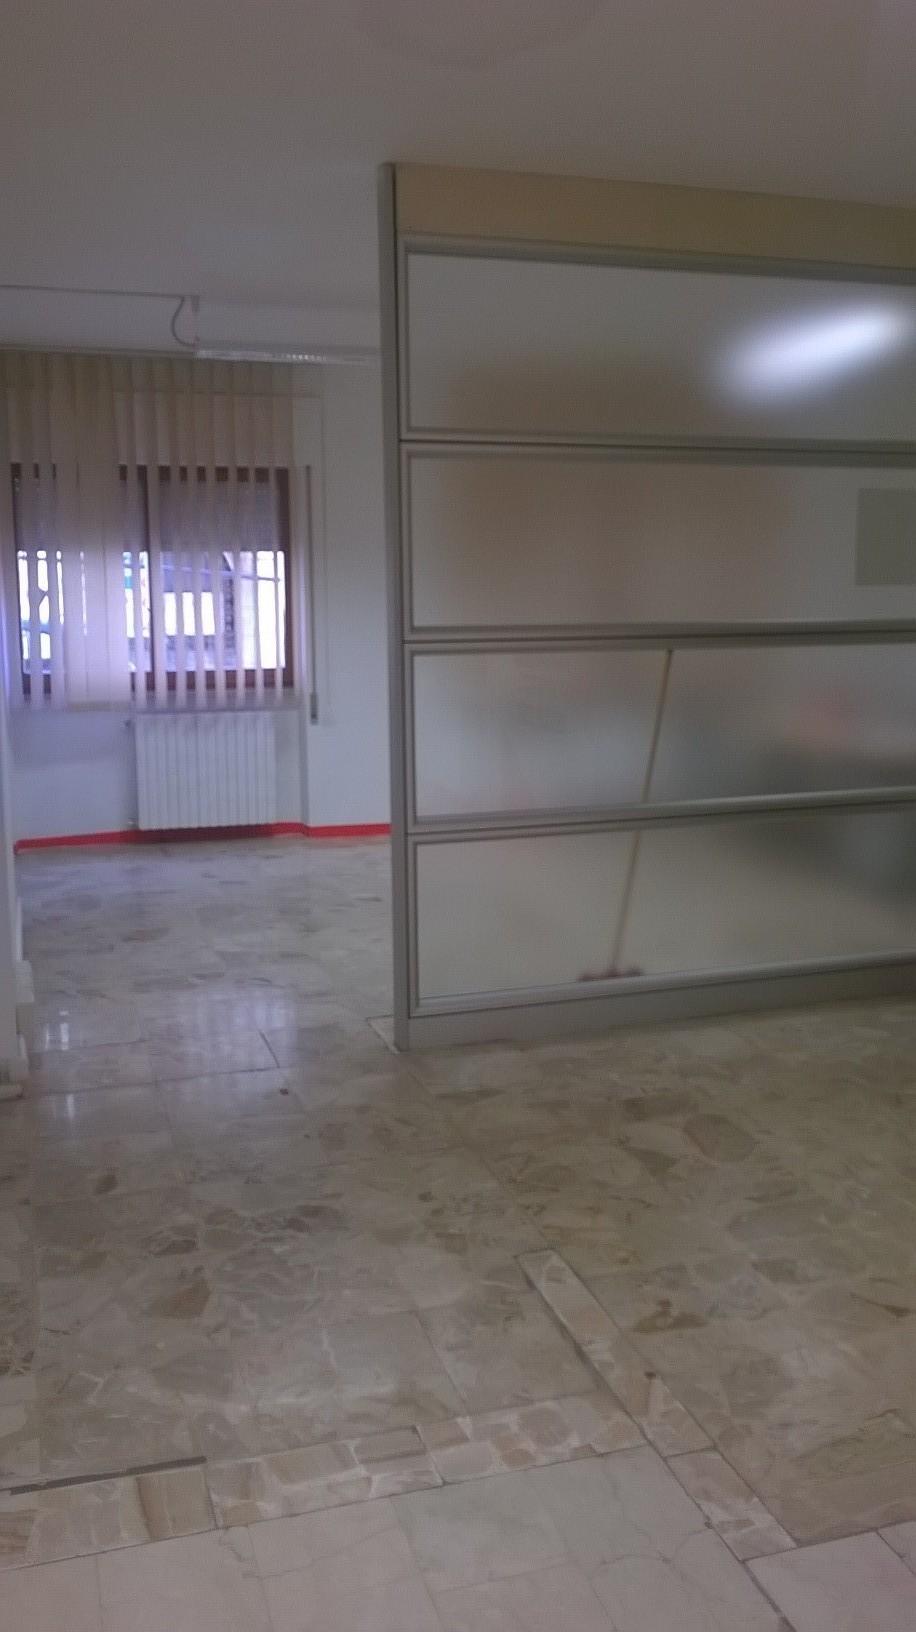 Agriturismo in vendita a Teramo, 3 locali, zona Zona: Centro , prezzo € 130.000 | CambioCasa.it